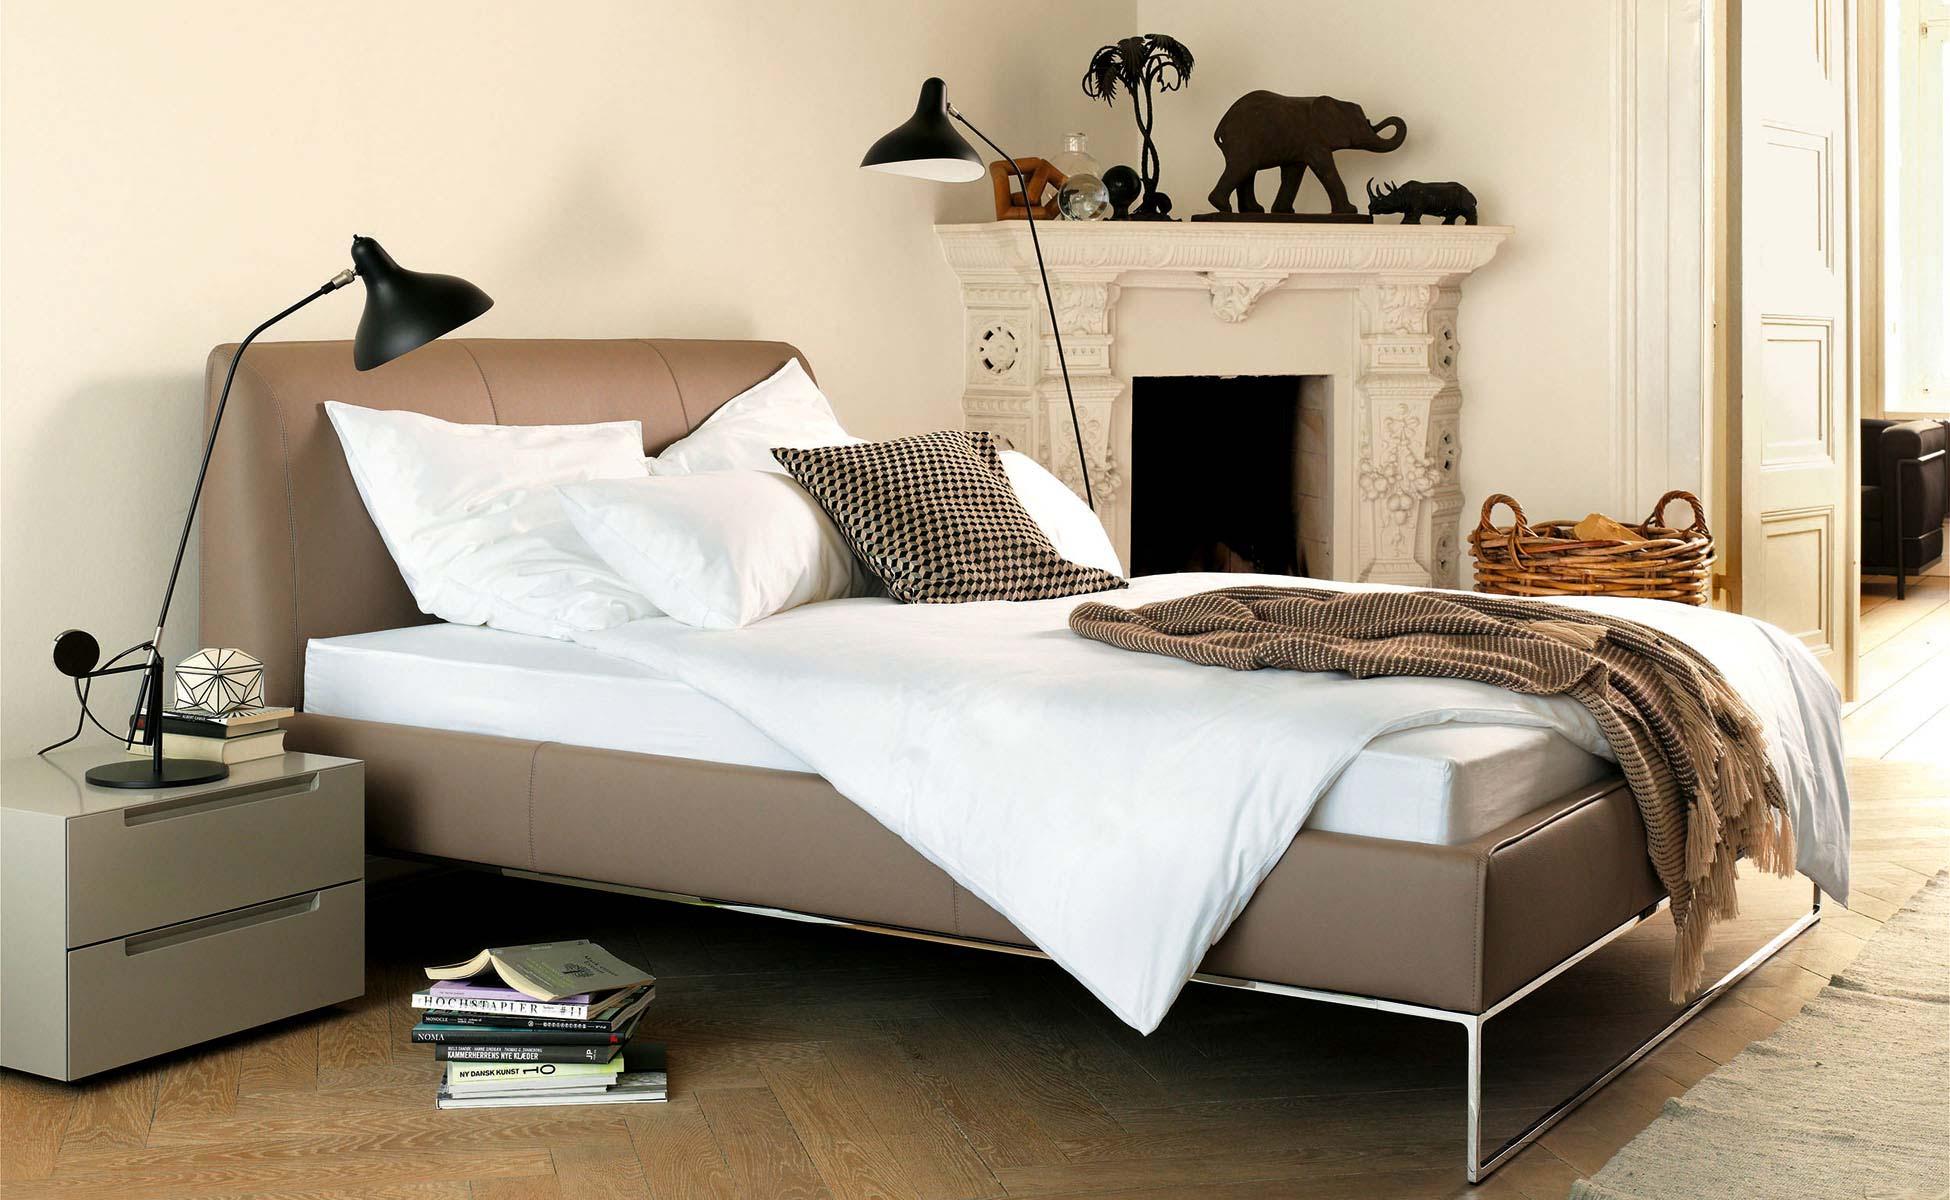 Wandle Bett interlübke mell steidten einrichten mit architekturintelligenz